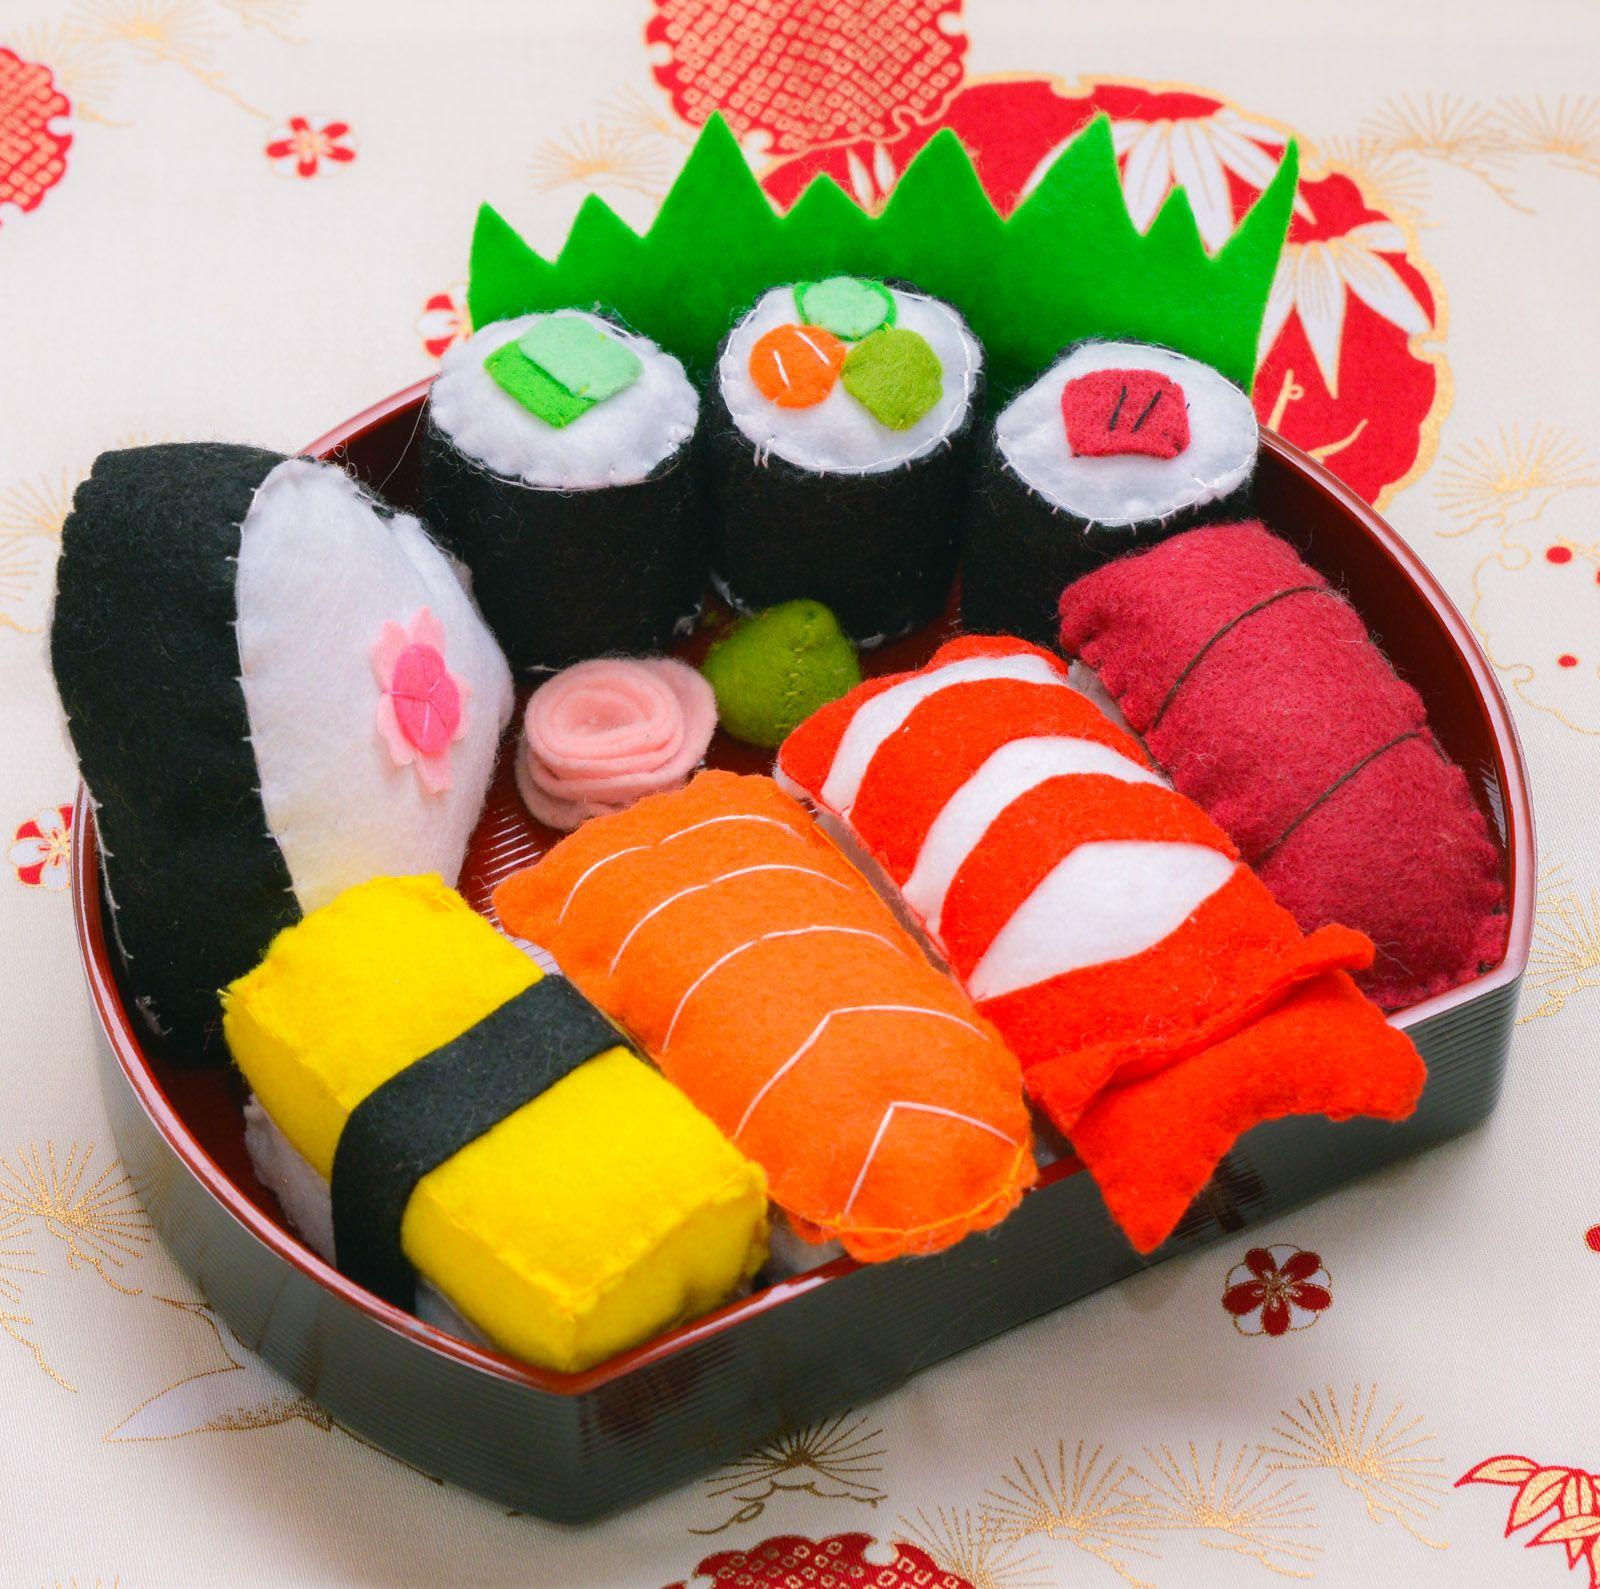 Sushi #thefeltgourmand #playfood #feltfood #handmade #singapore #sushi